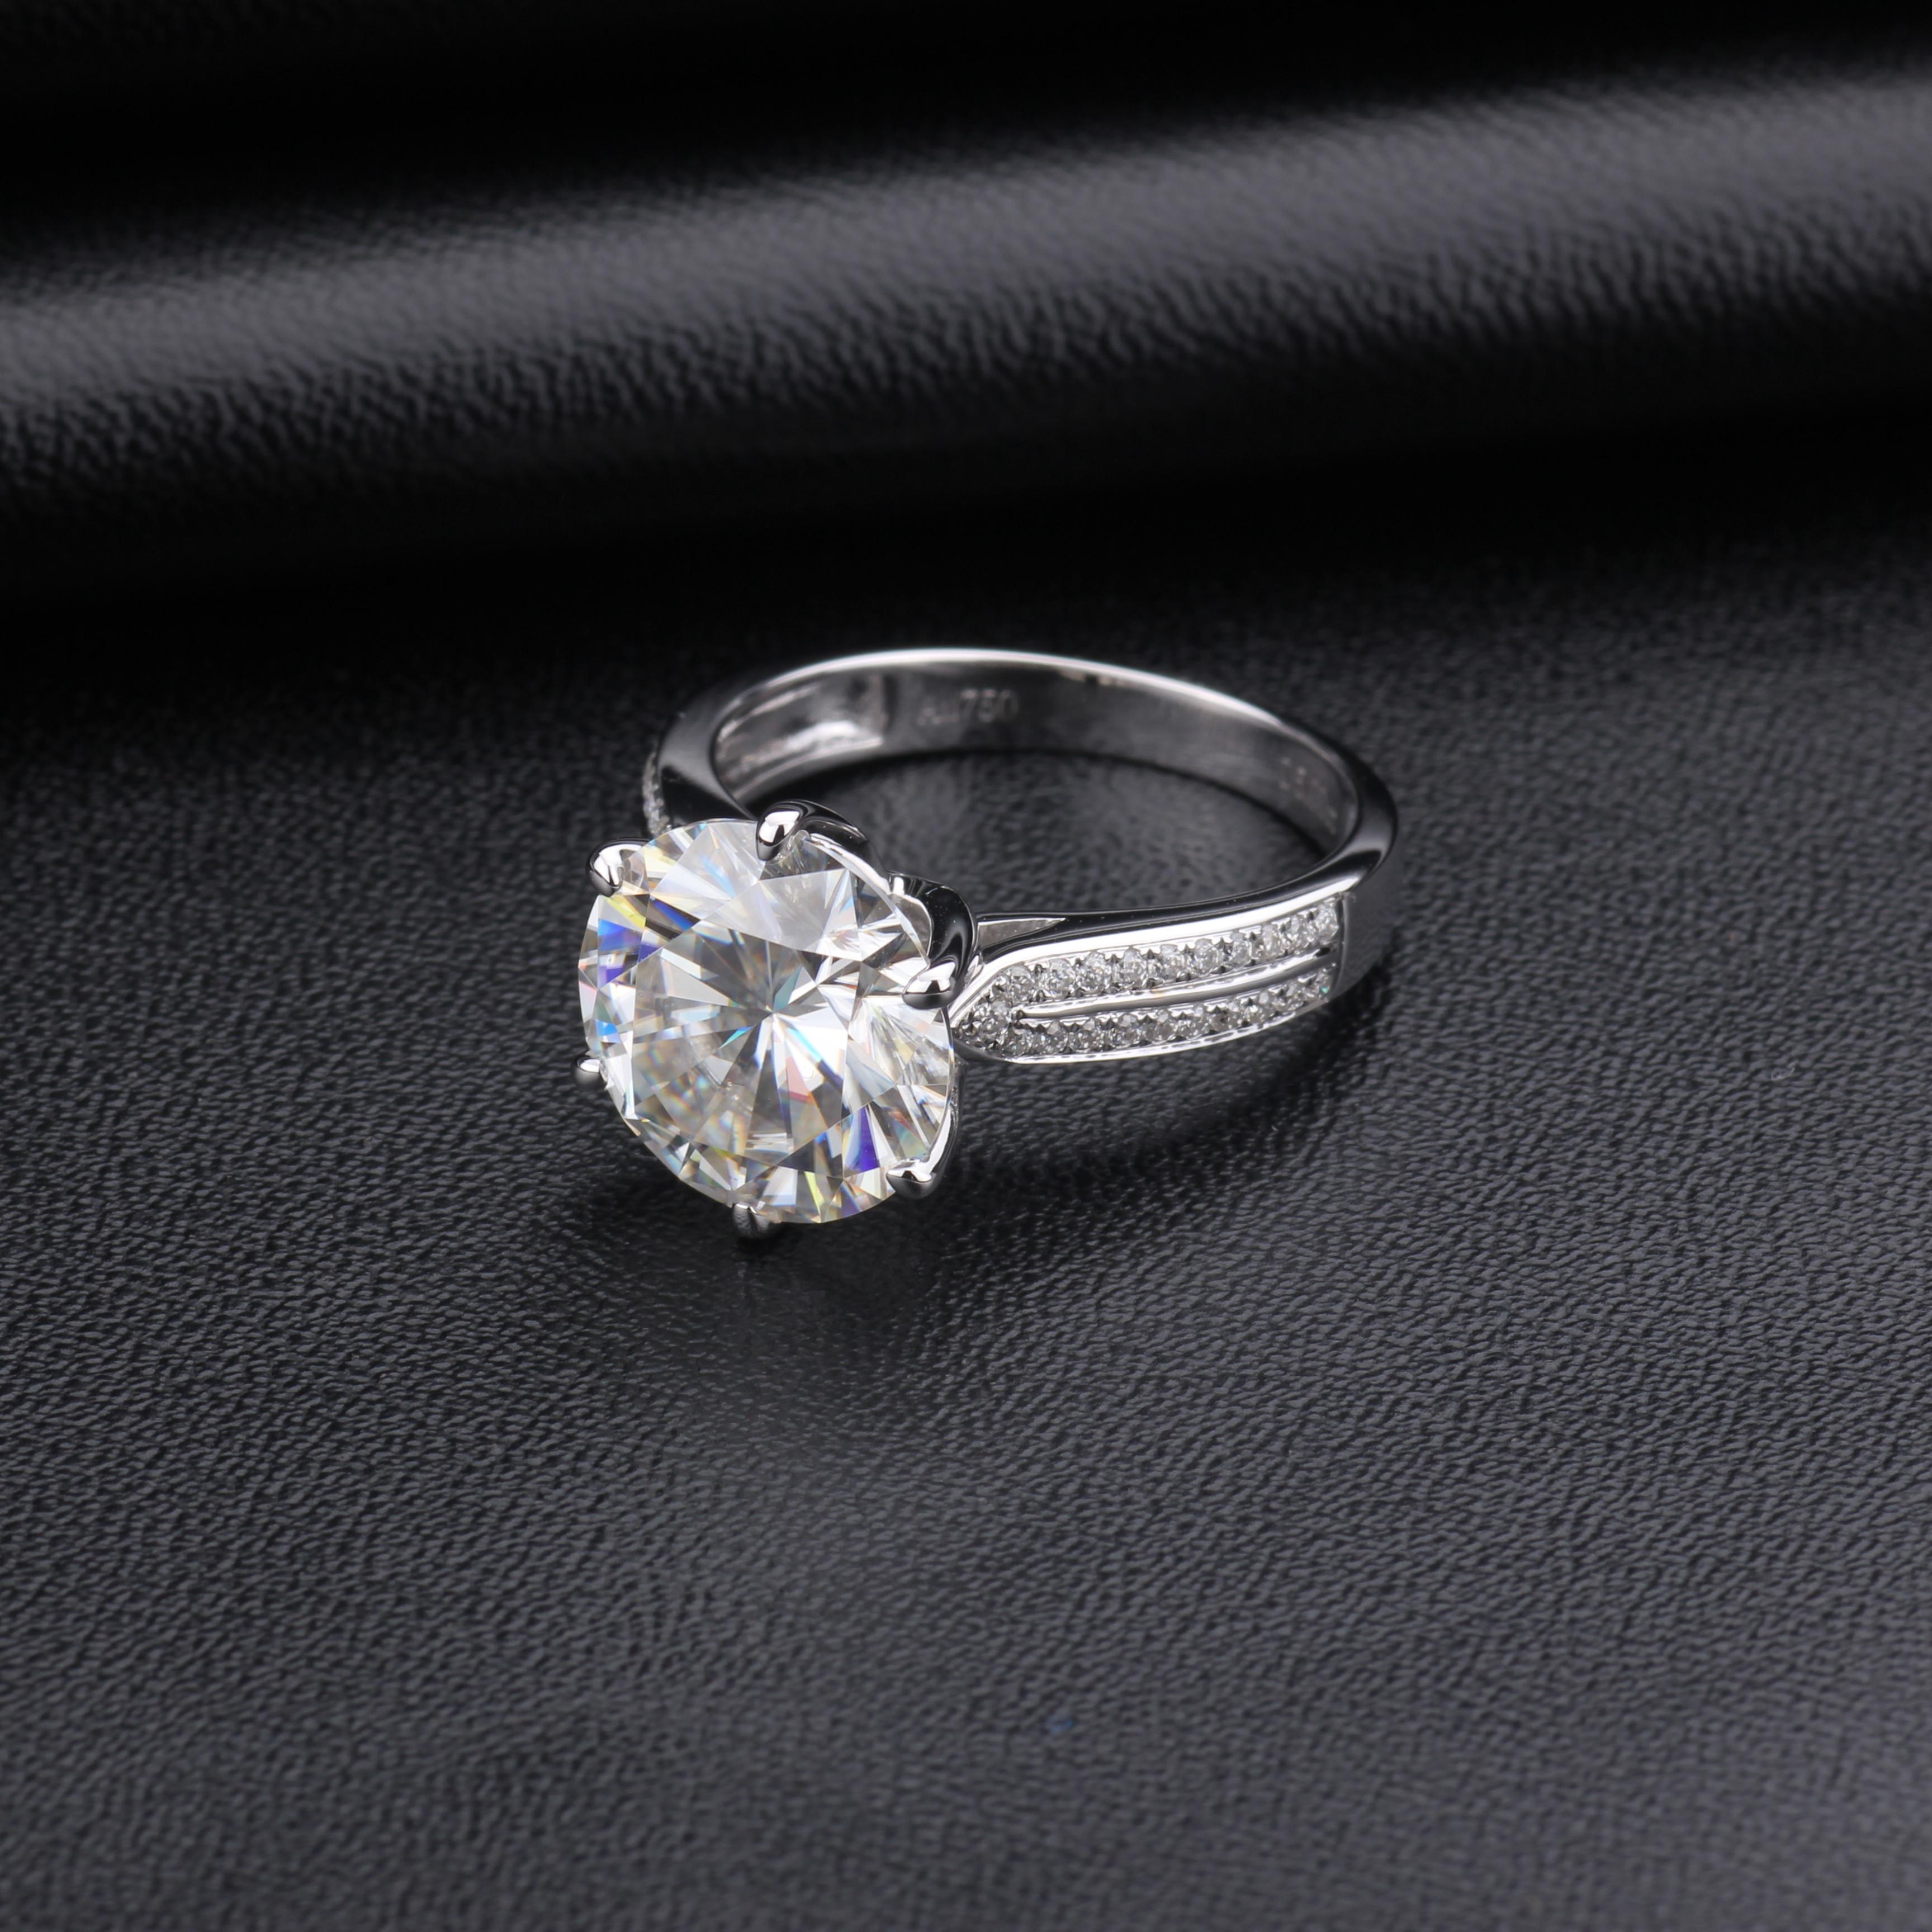 Обручальное кольцо из белого золота 18 К для круглого муассанита 2 карата